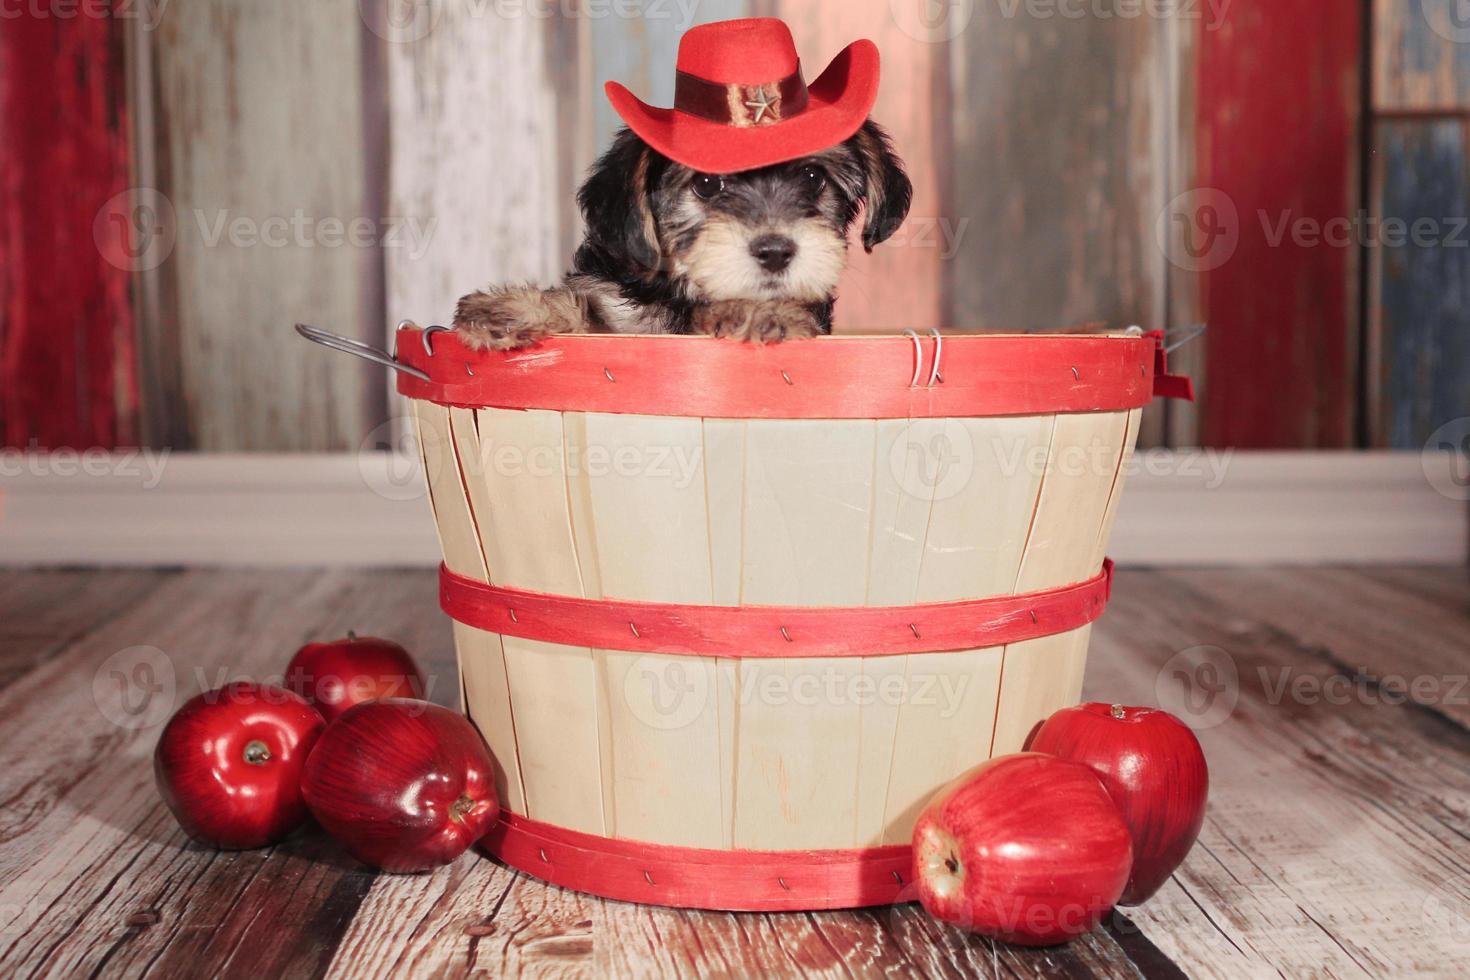 schattige theekopje yorkie puppy in schattige achtergronden en prop voor kalender of kaarten foto